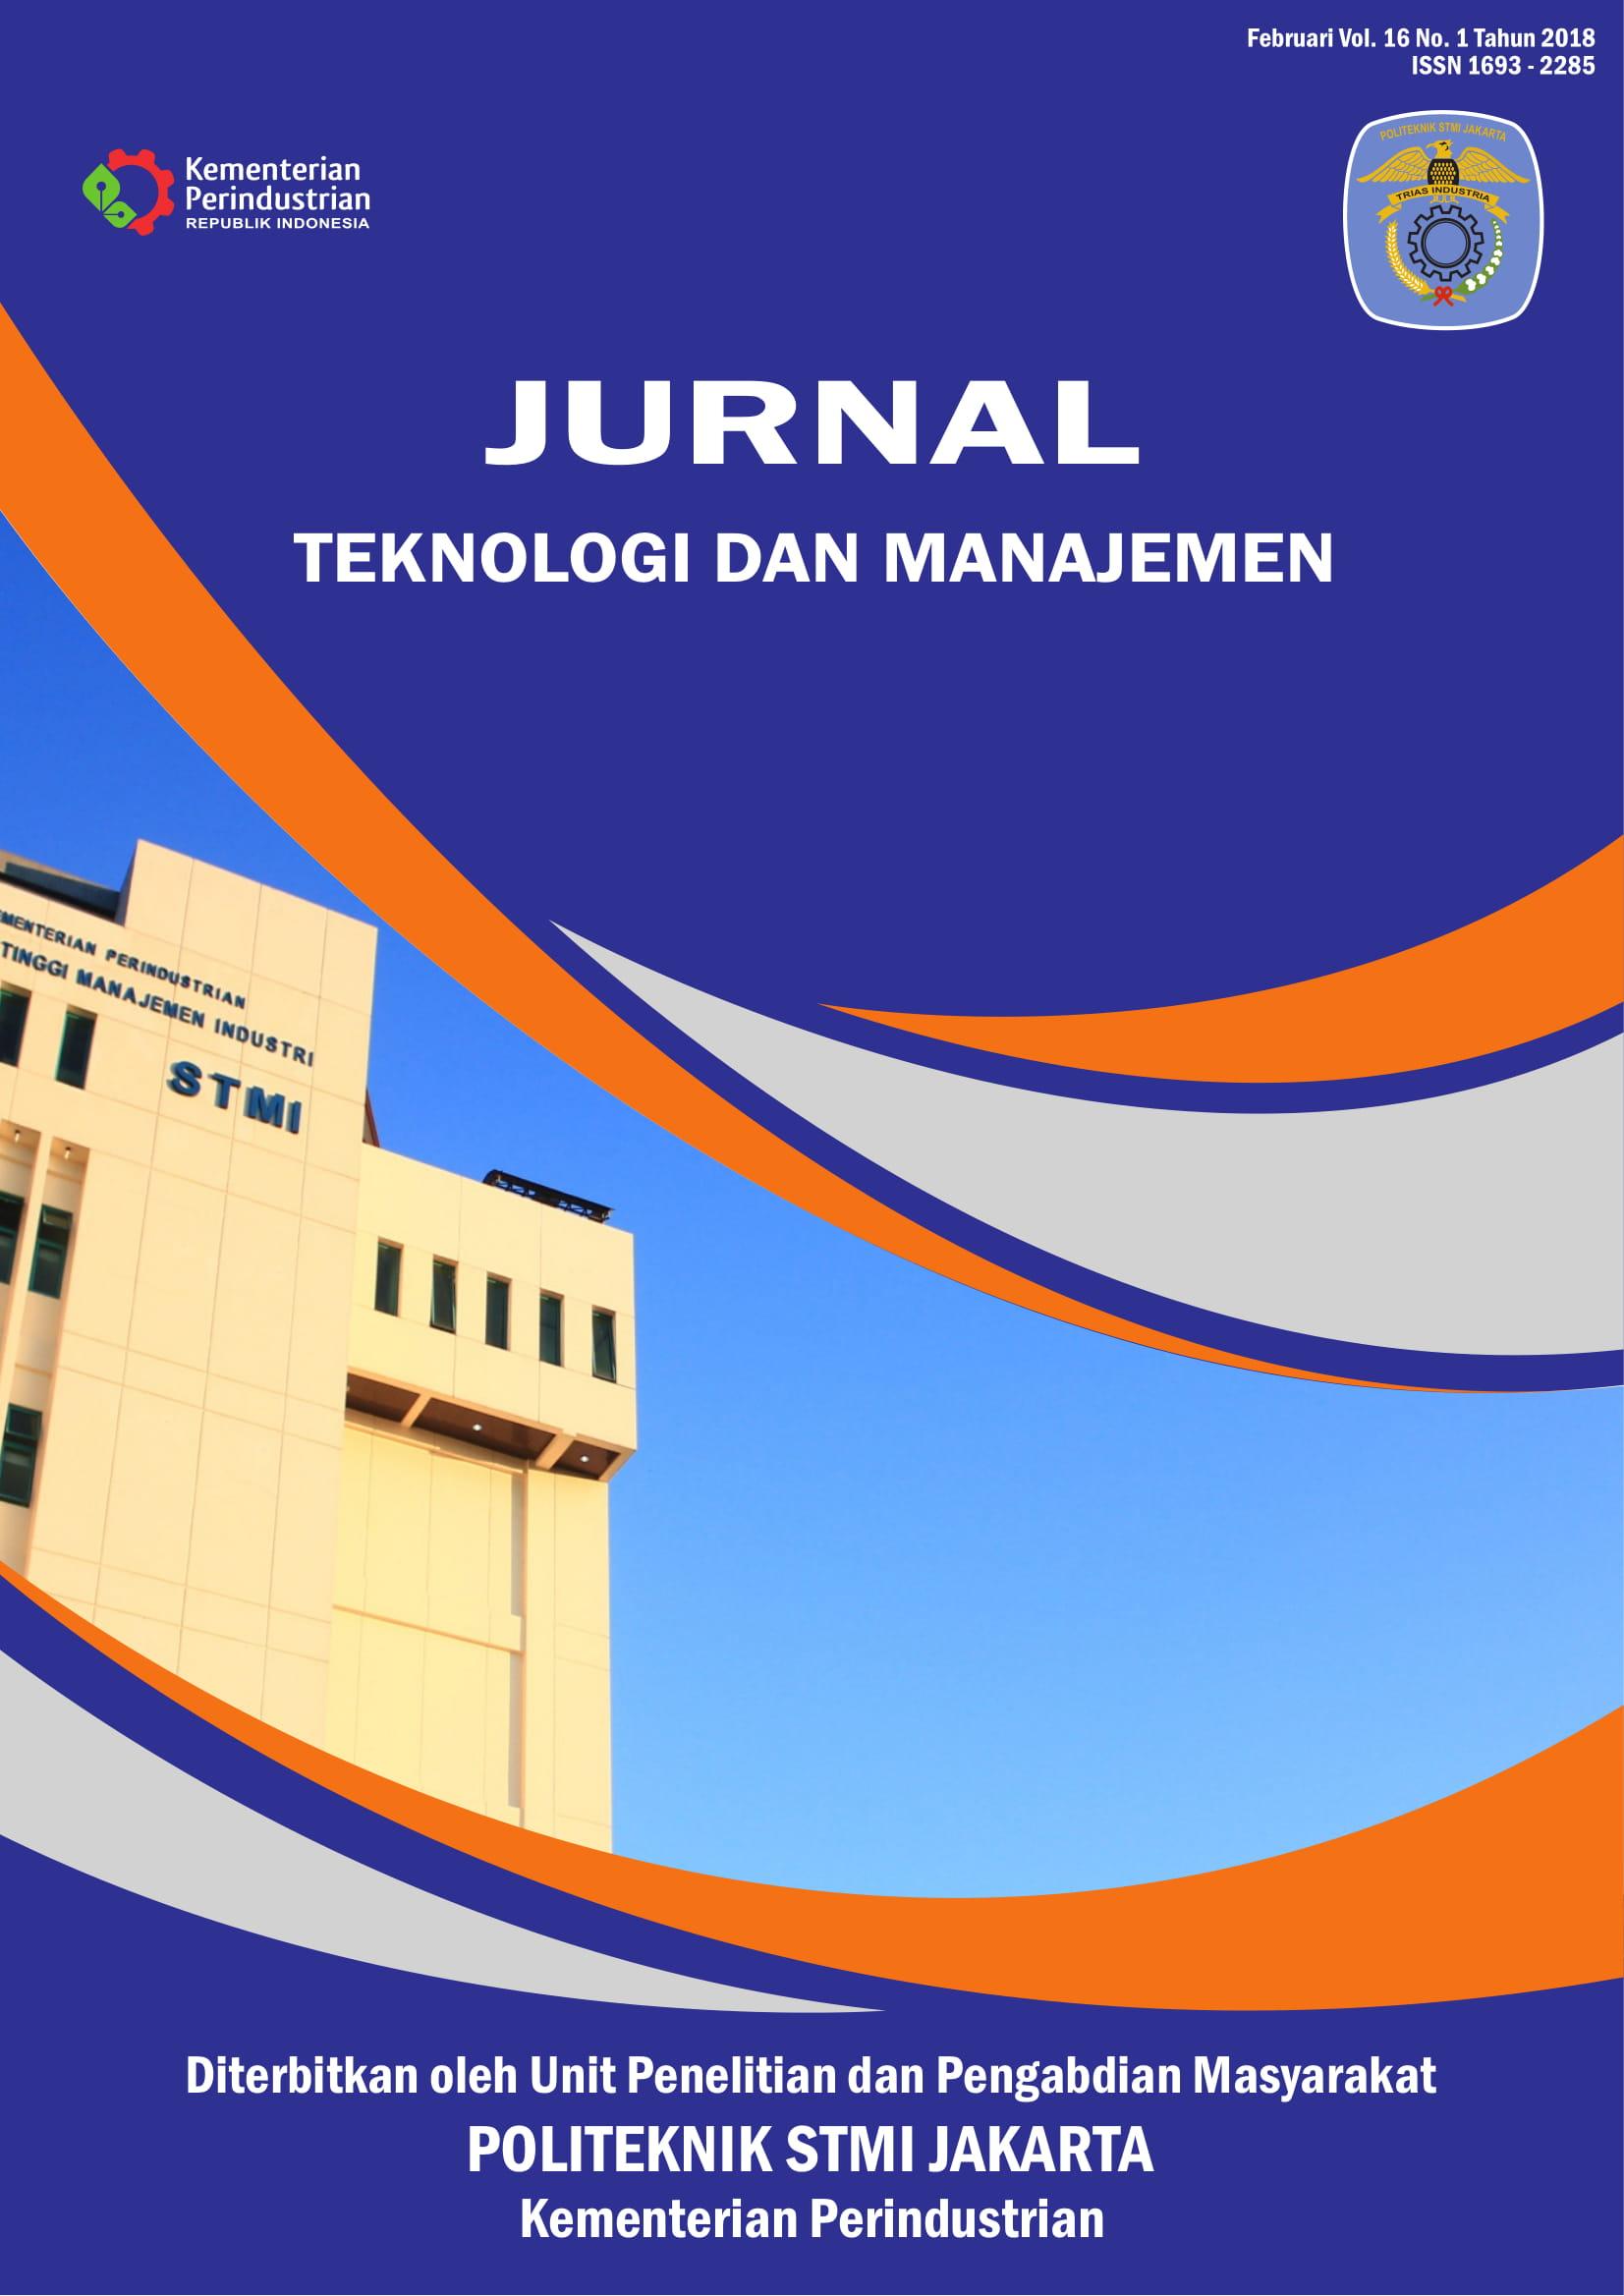 Jurnal Teknologi dan Manajemen Volume 16 No 1 Februari 2018